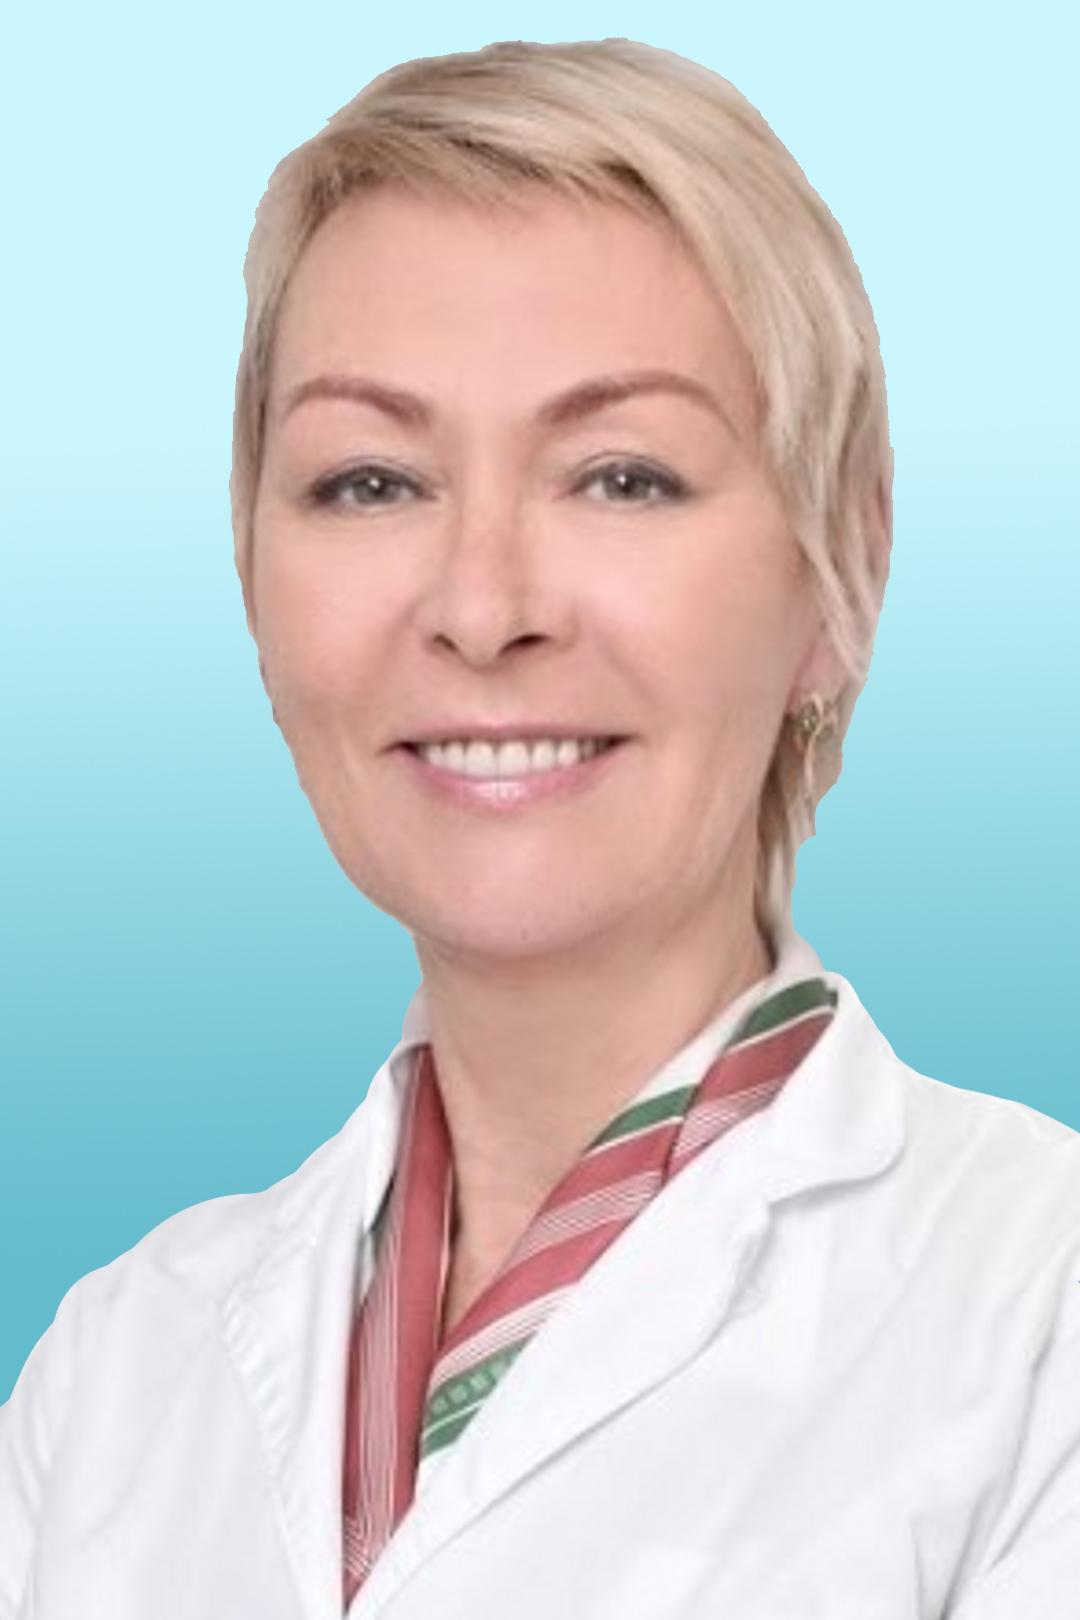 Врач-кардиолог Пекарская Марианна Викентьевна